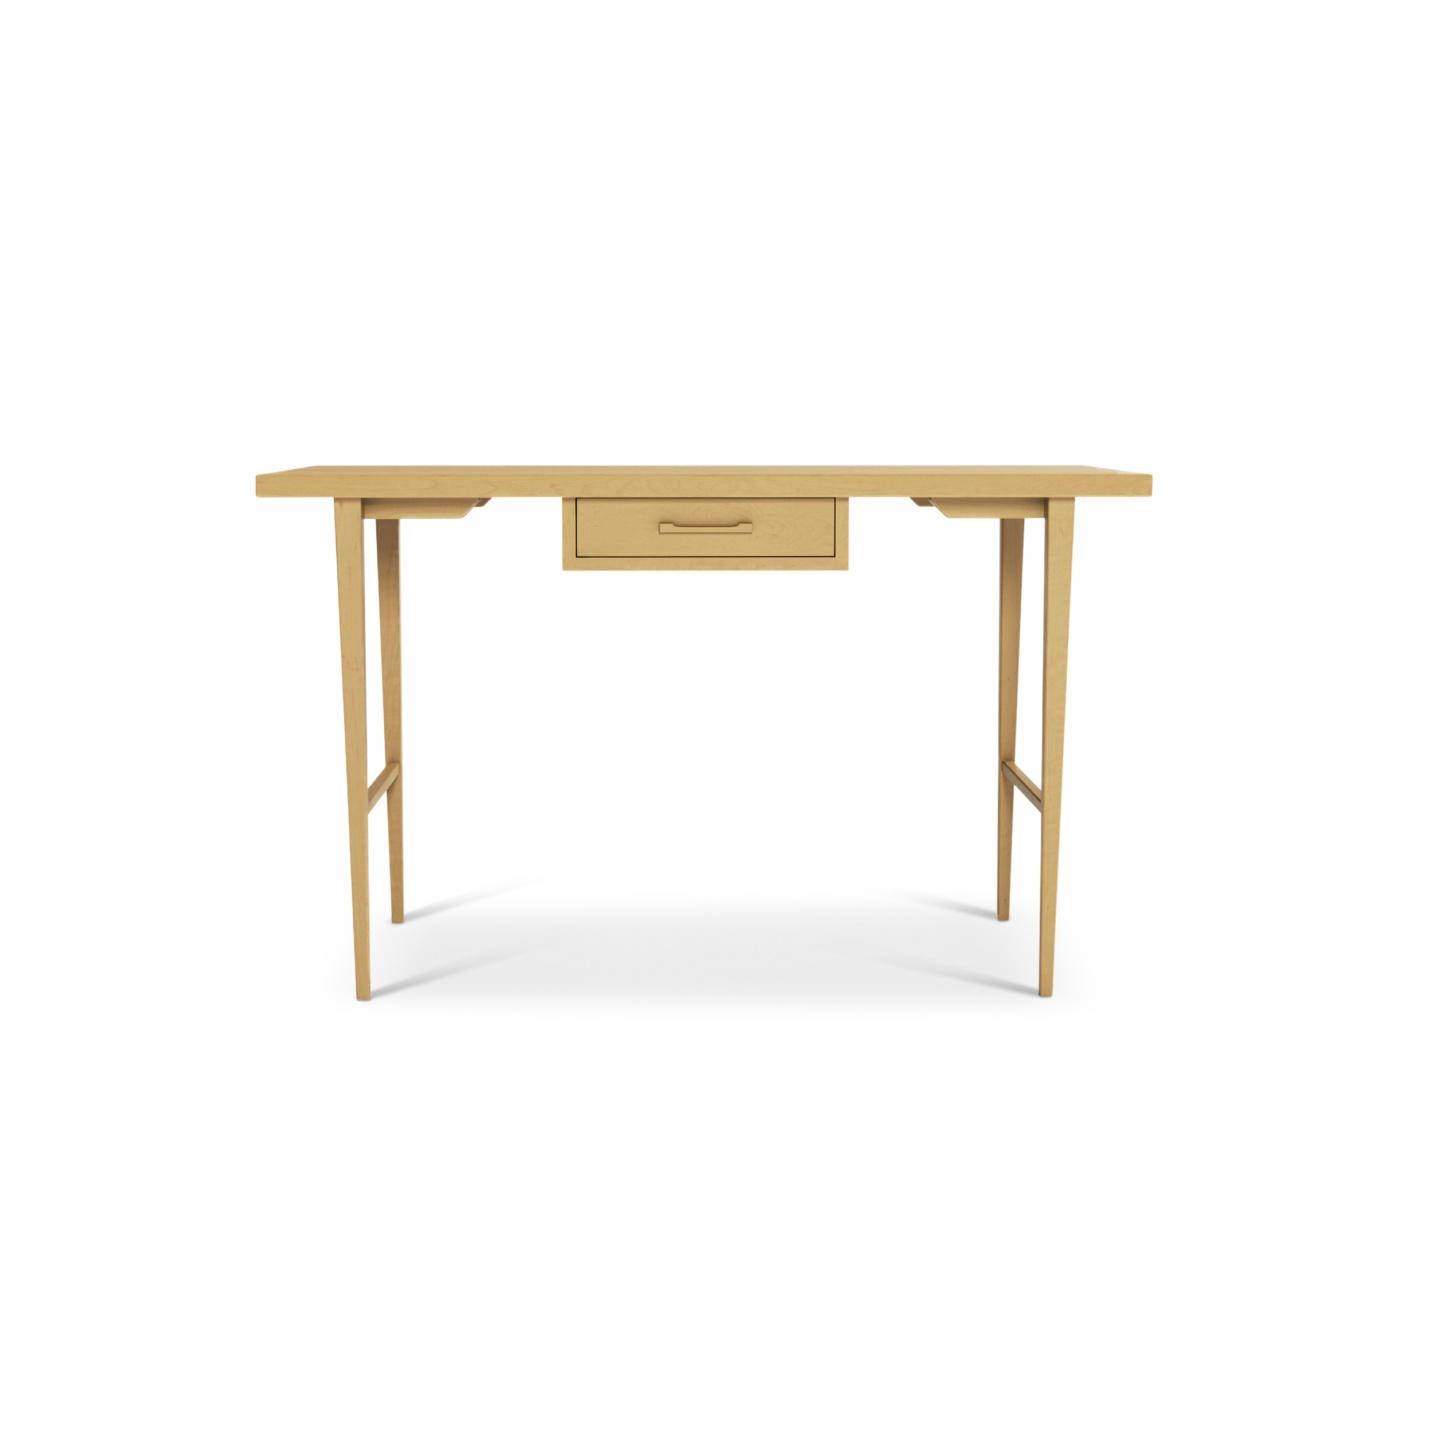 Solid maple Custom wood desk